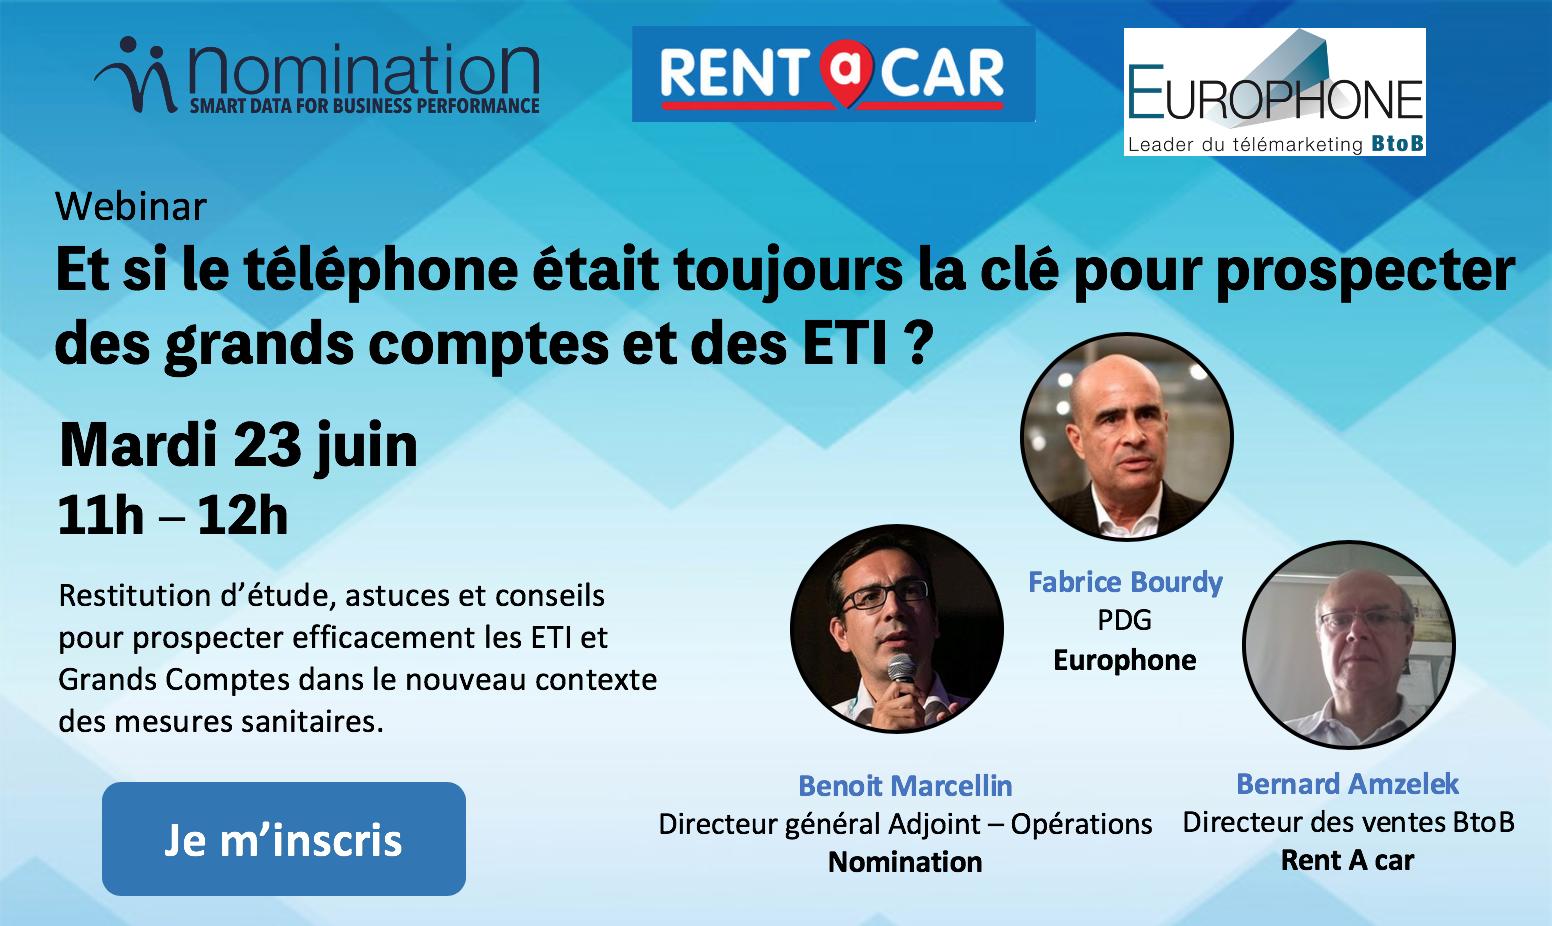 Évènement Webinar – Et si le téléphone était toujours la clé pour prospecter des grands comptes et des ETI ? Nomination